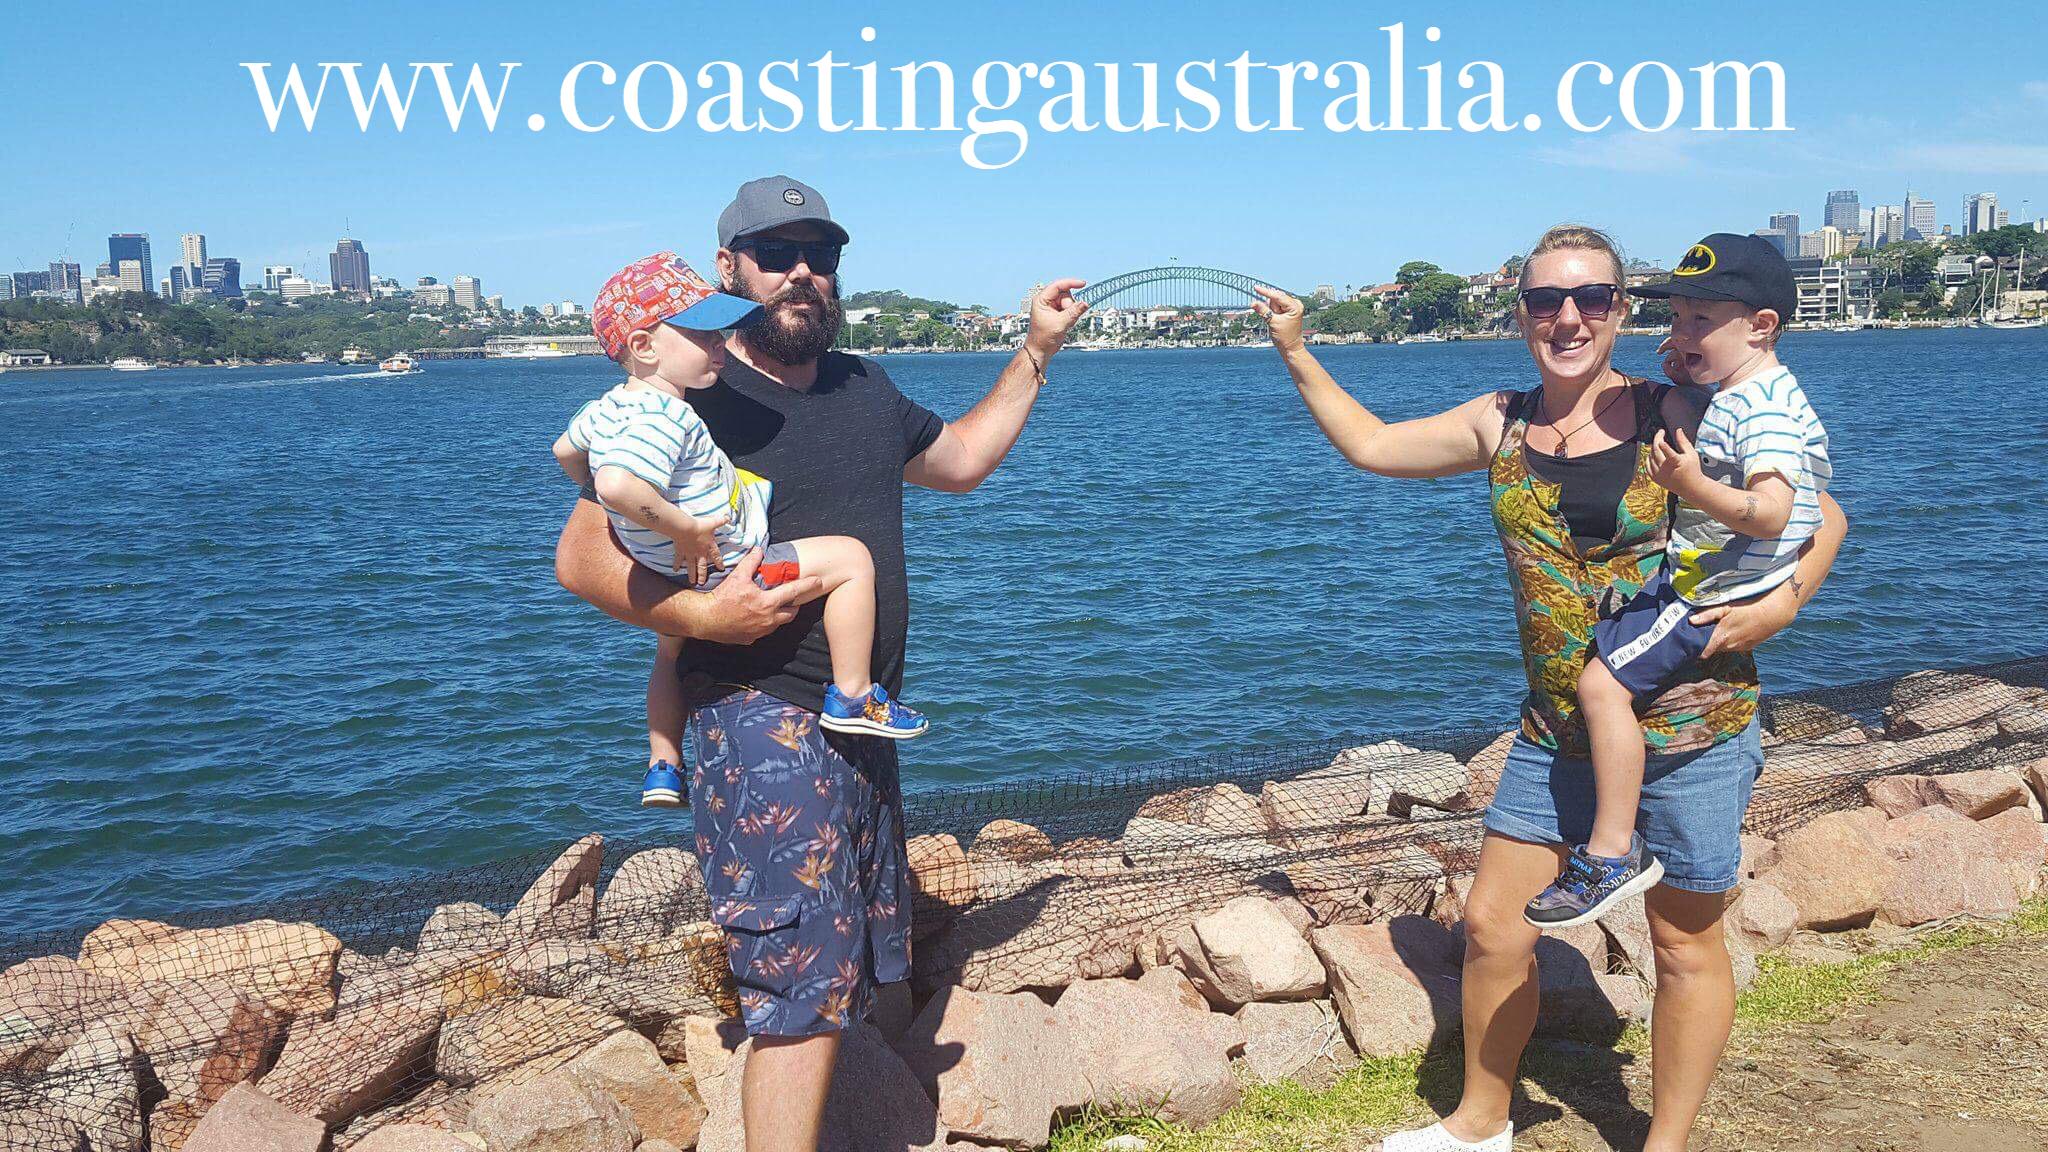 Mum, dad and 2 children in front of Sydney Harbour Bridge